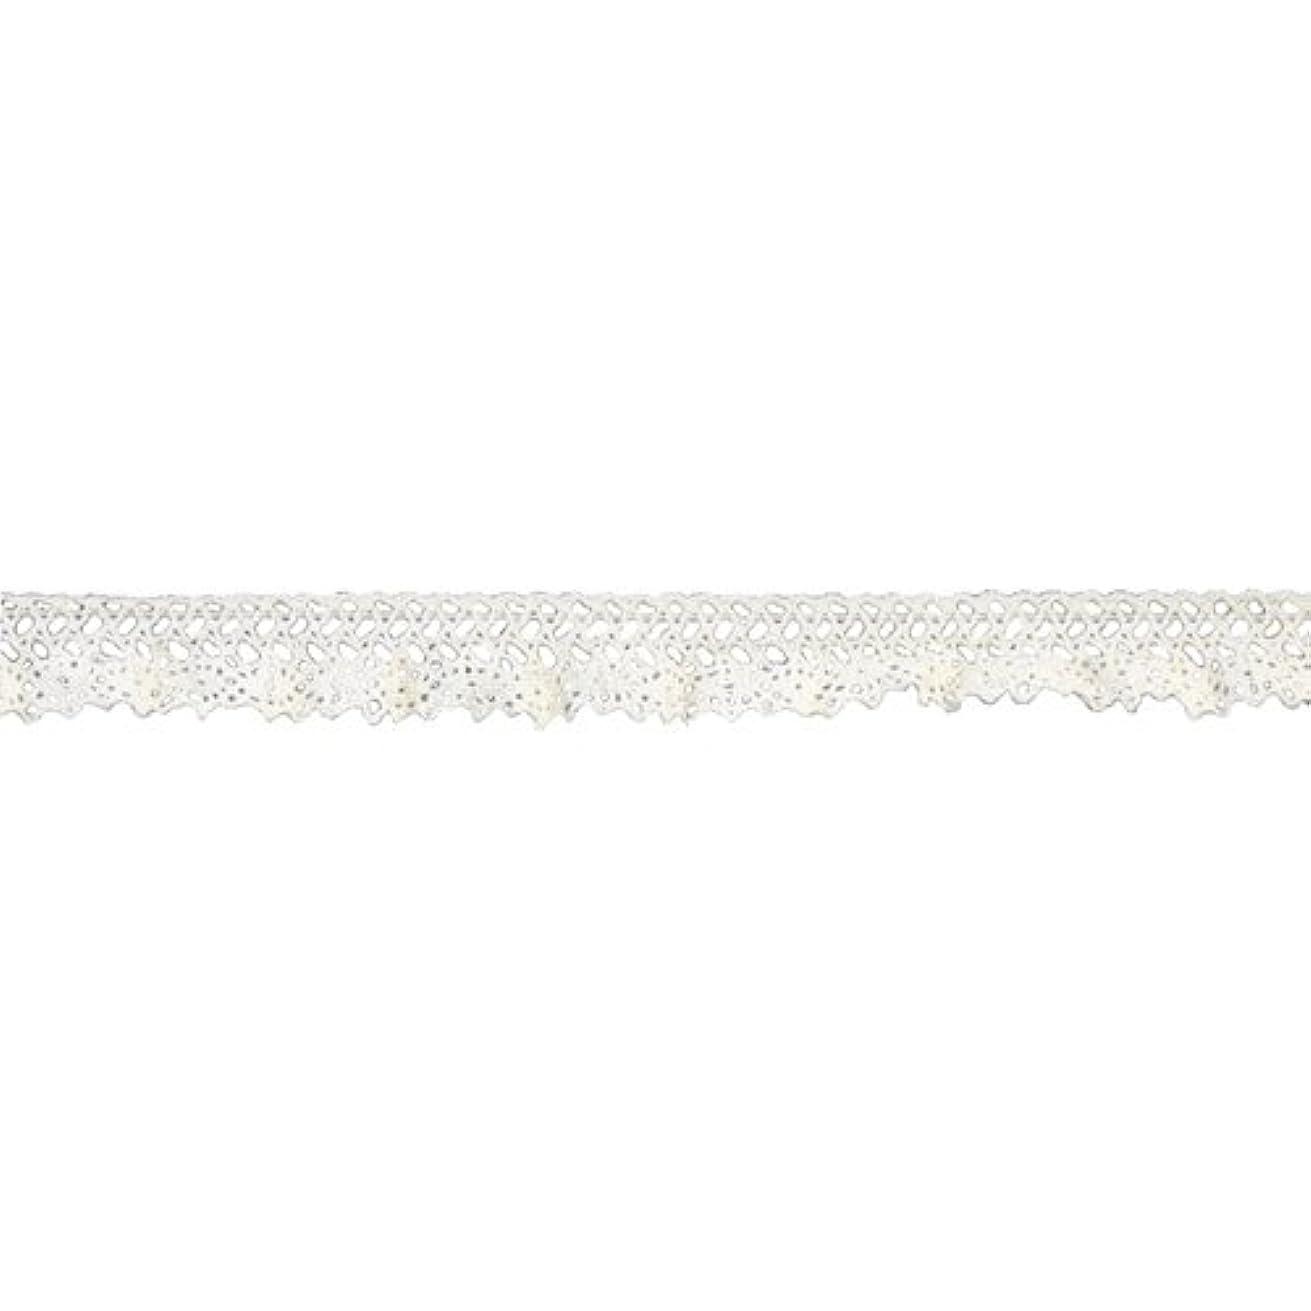 Belagio Enterprises 3/4-inch Cotton Venise Stretch Lace Trim 10 Yards, Ivory